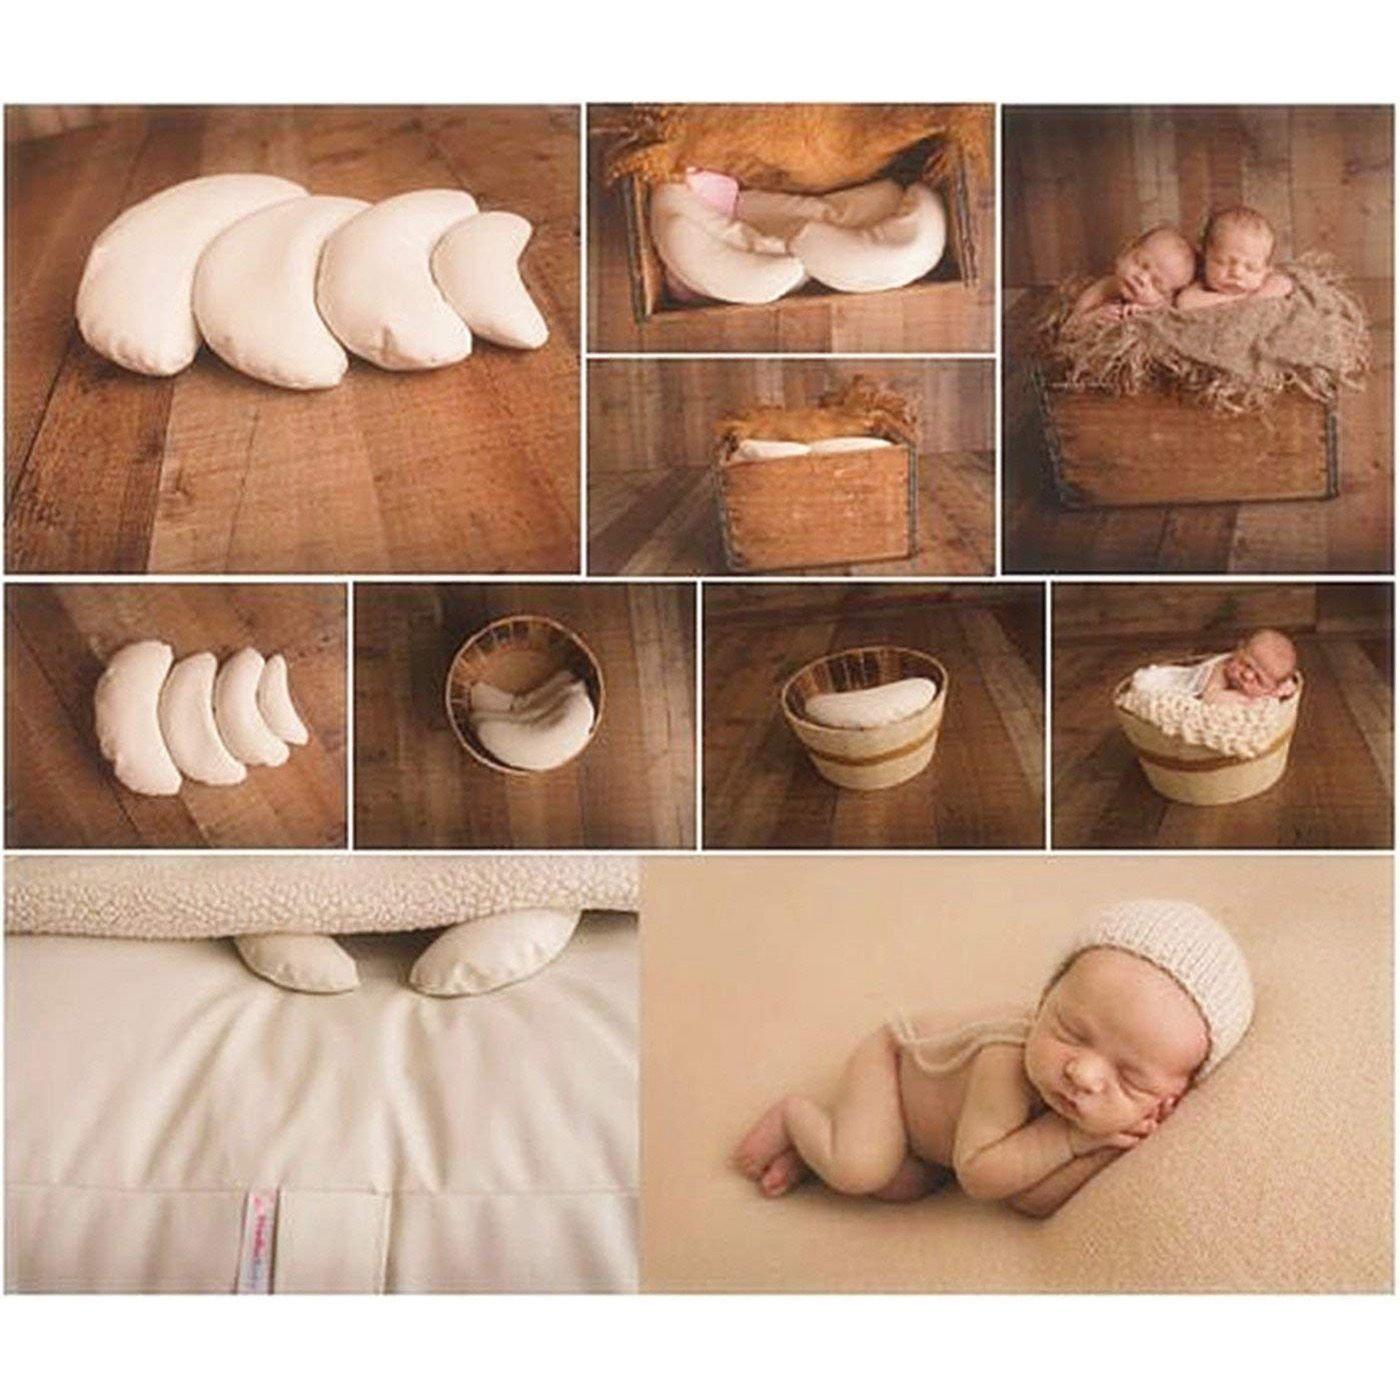 TOOGOO 3 x Neugeborenen Baby Fotografie Requisiten Crescent Posing Kissen Korb Fuellstoff Seide Requisiten Braun